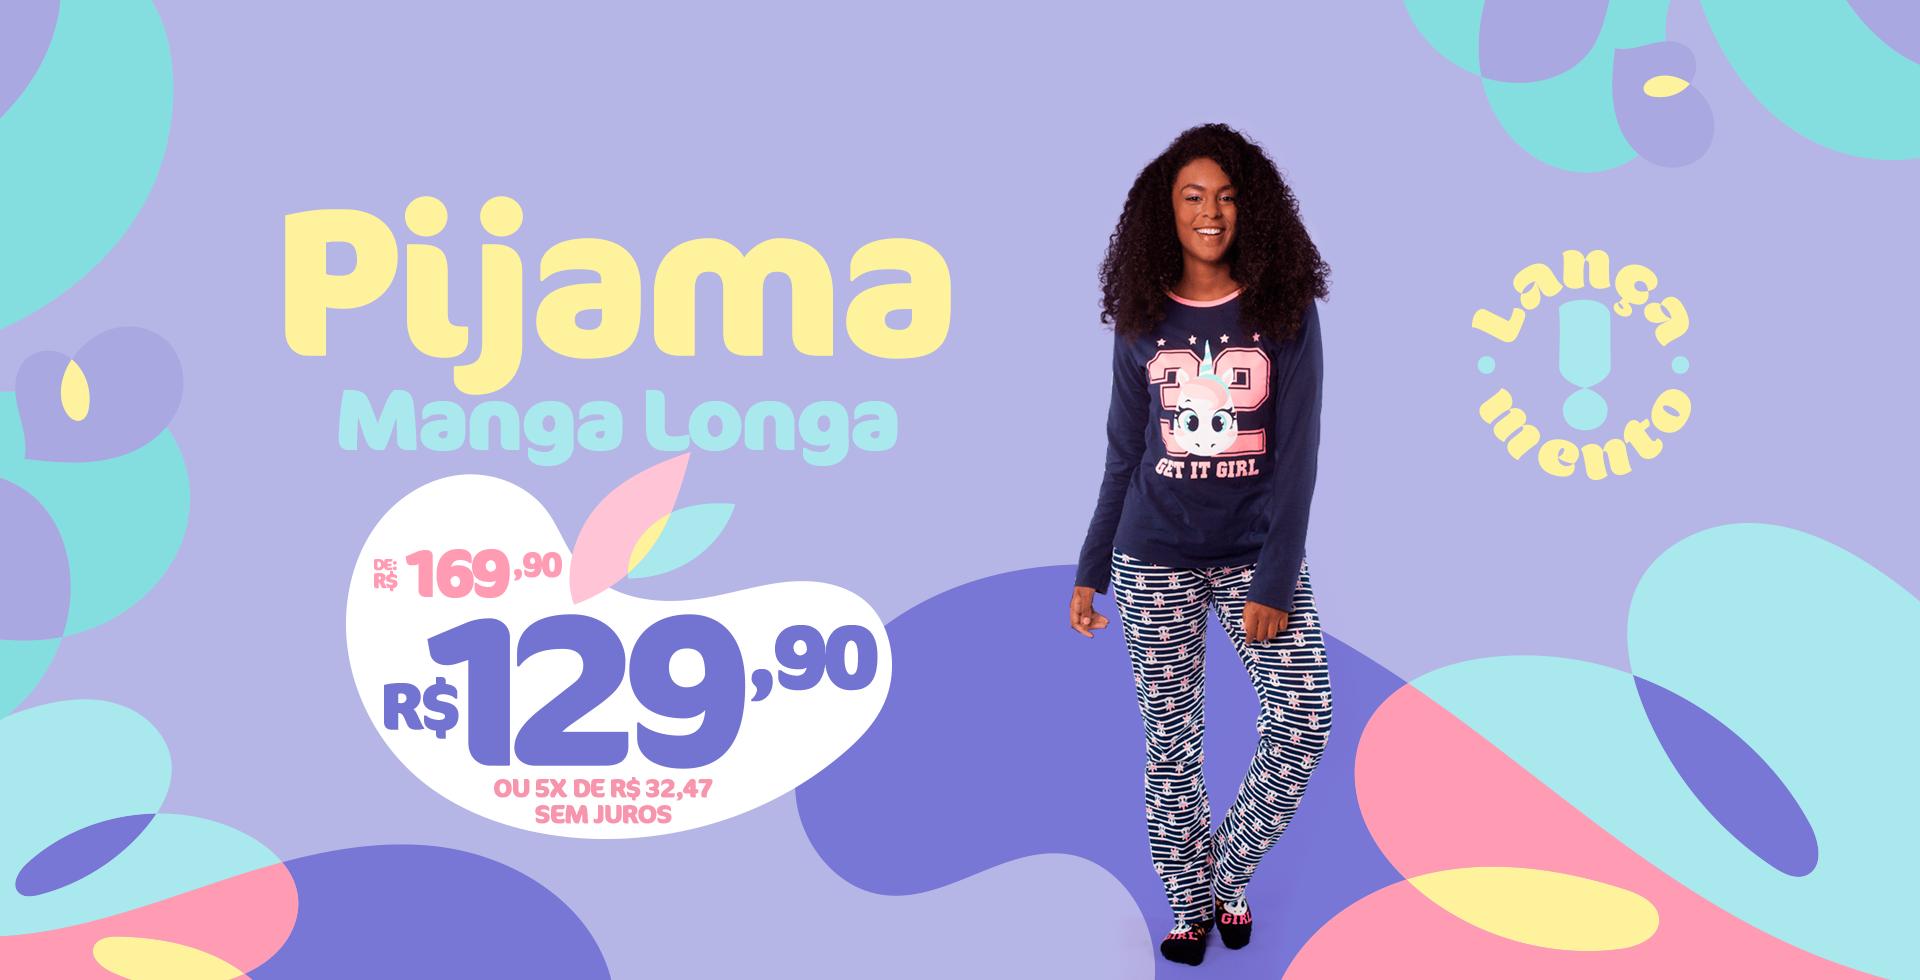 Pijama Manga Longa de R$ 169,90 por R$ 129,90